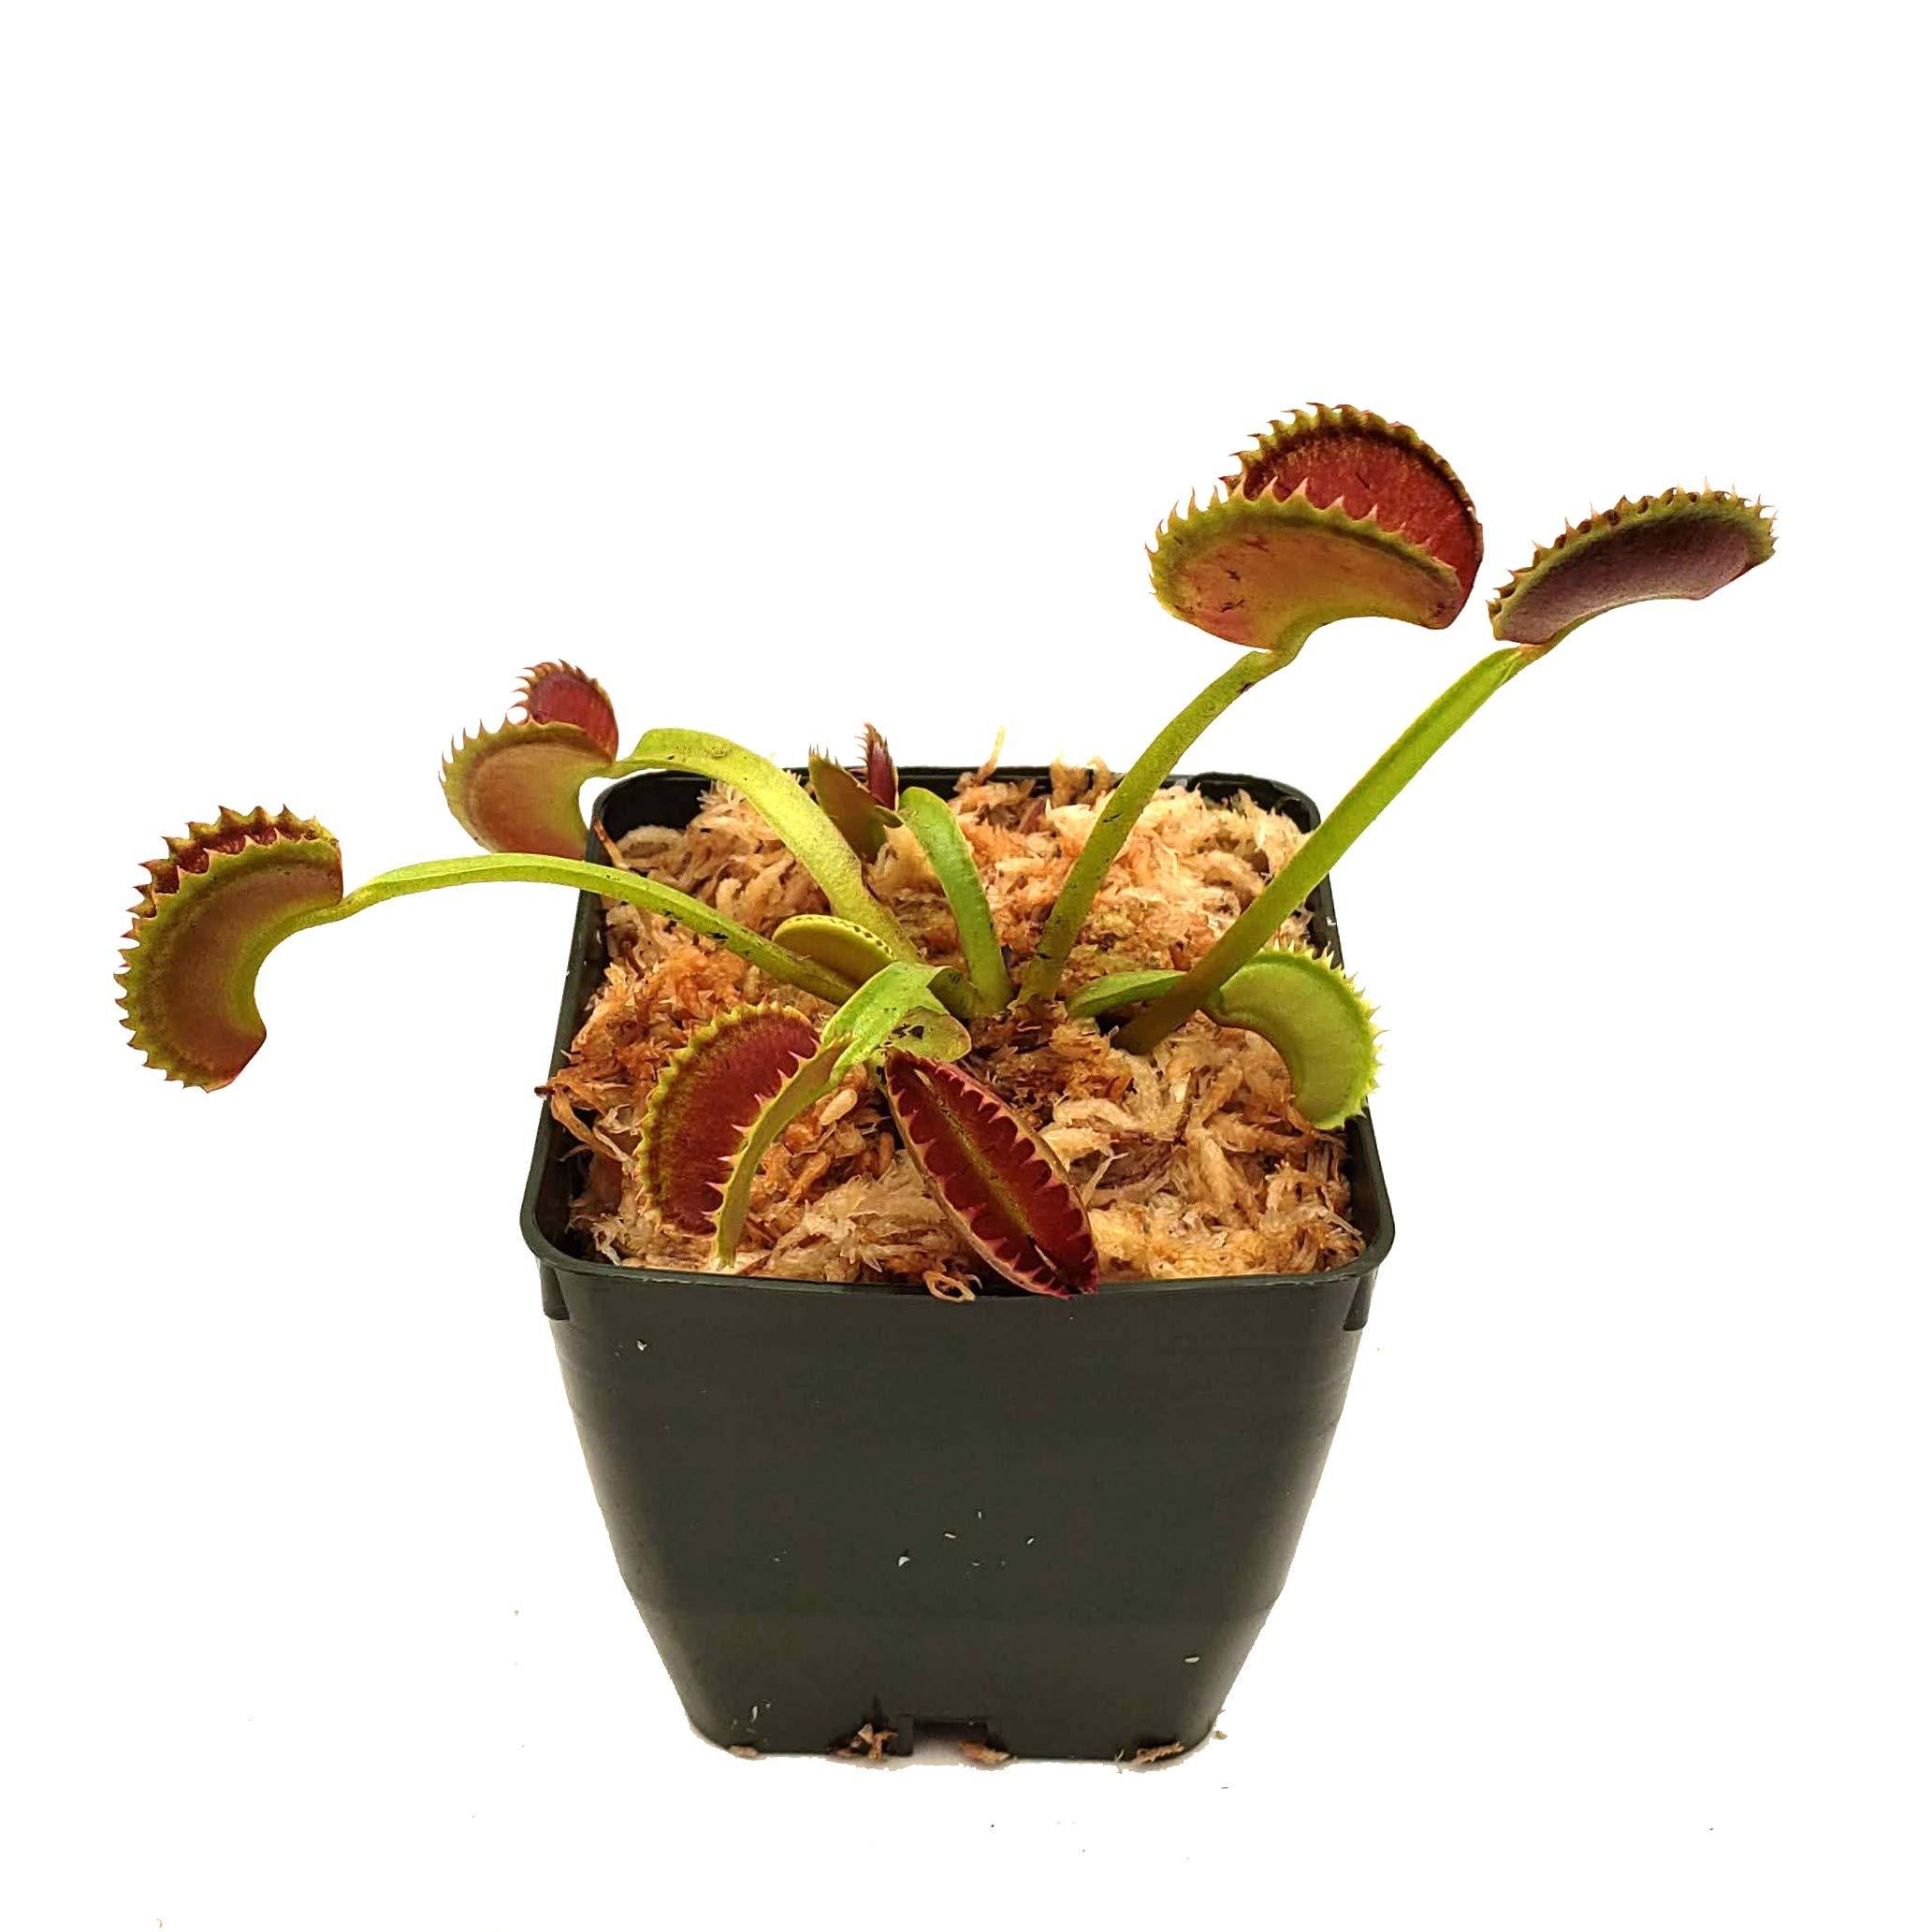 Venus Flytrap 'Dente' Carnivorous Plant, Dionaea muscipula, Live Arrival, Adult Plant, 3'' Pot - Predatory Plants